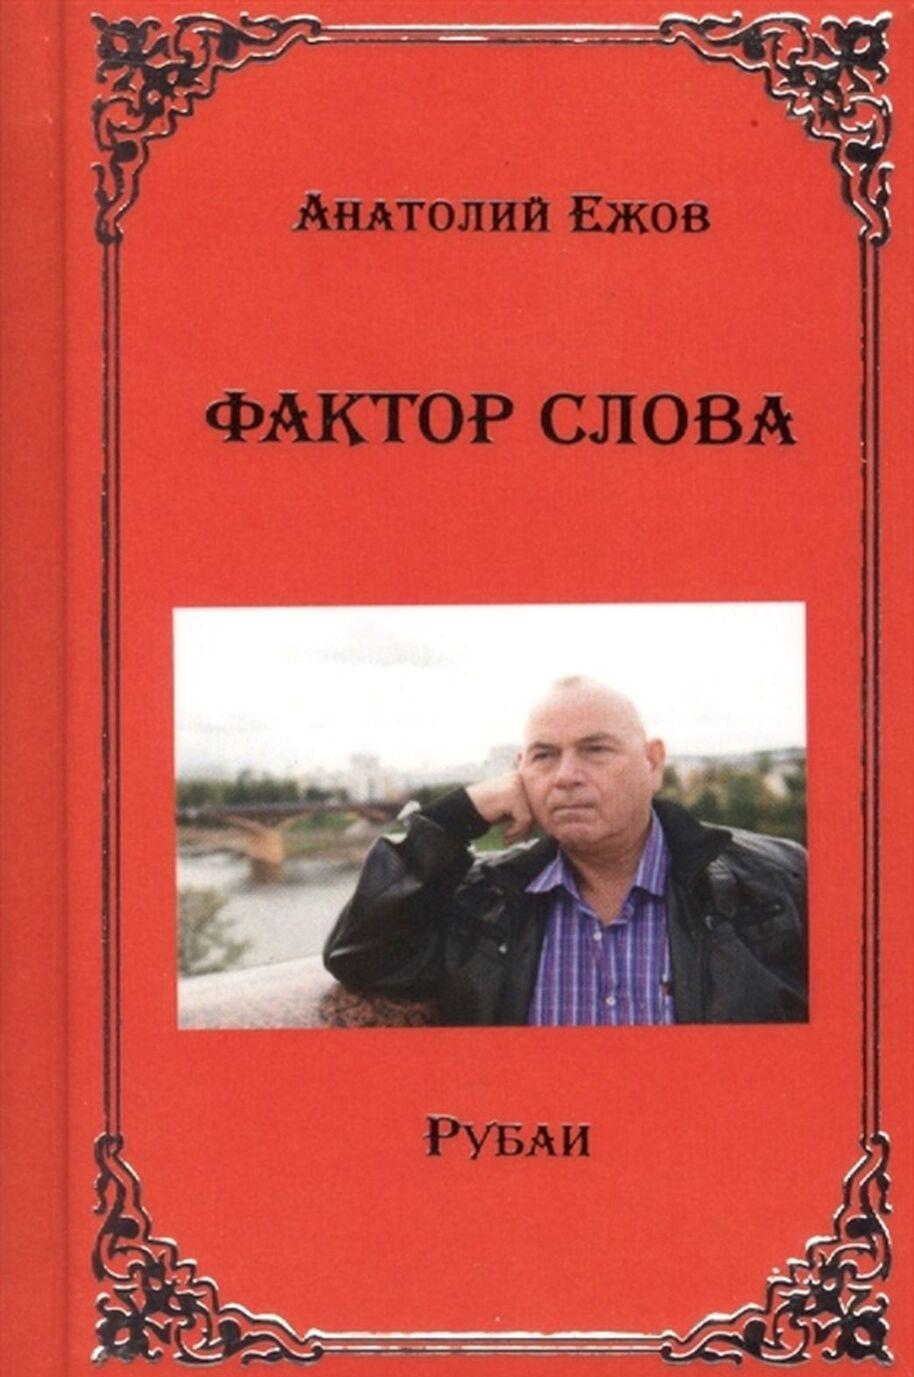 Faktor slova | Ezhov Anatolij Nikolaevich